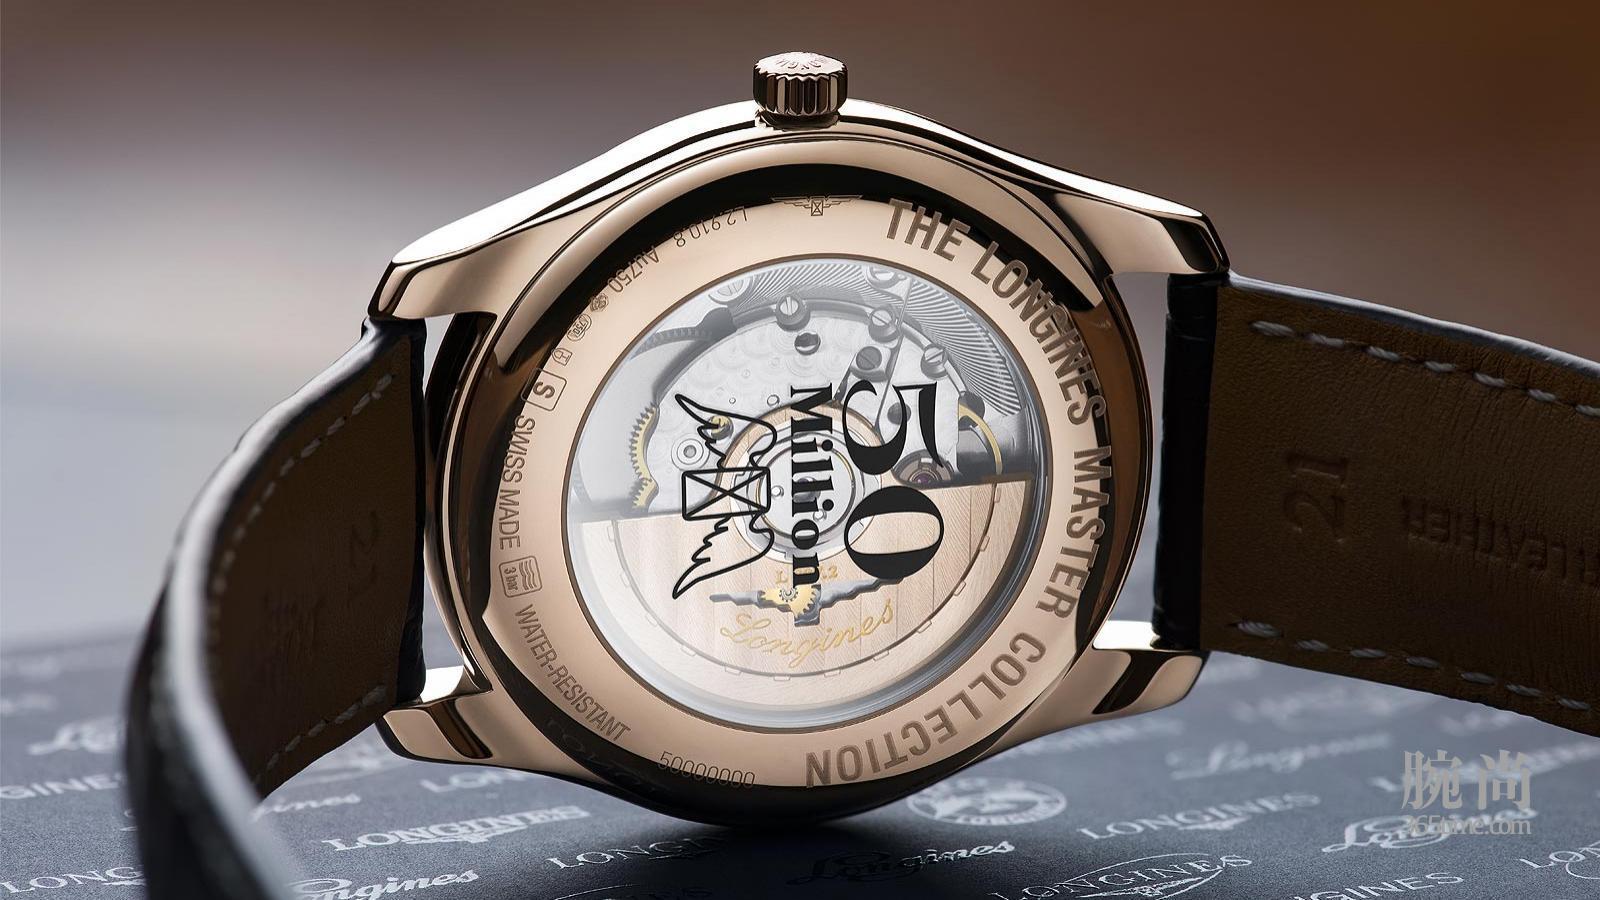 news-longines-celebrates-its-50-000-000th-timepiece-02-1600x900.jpg